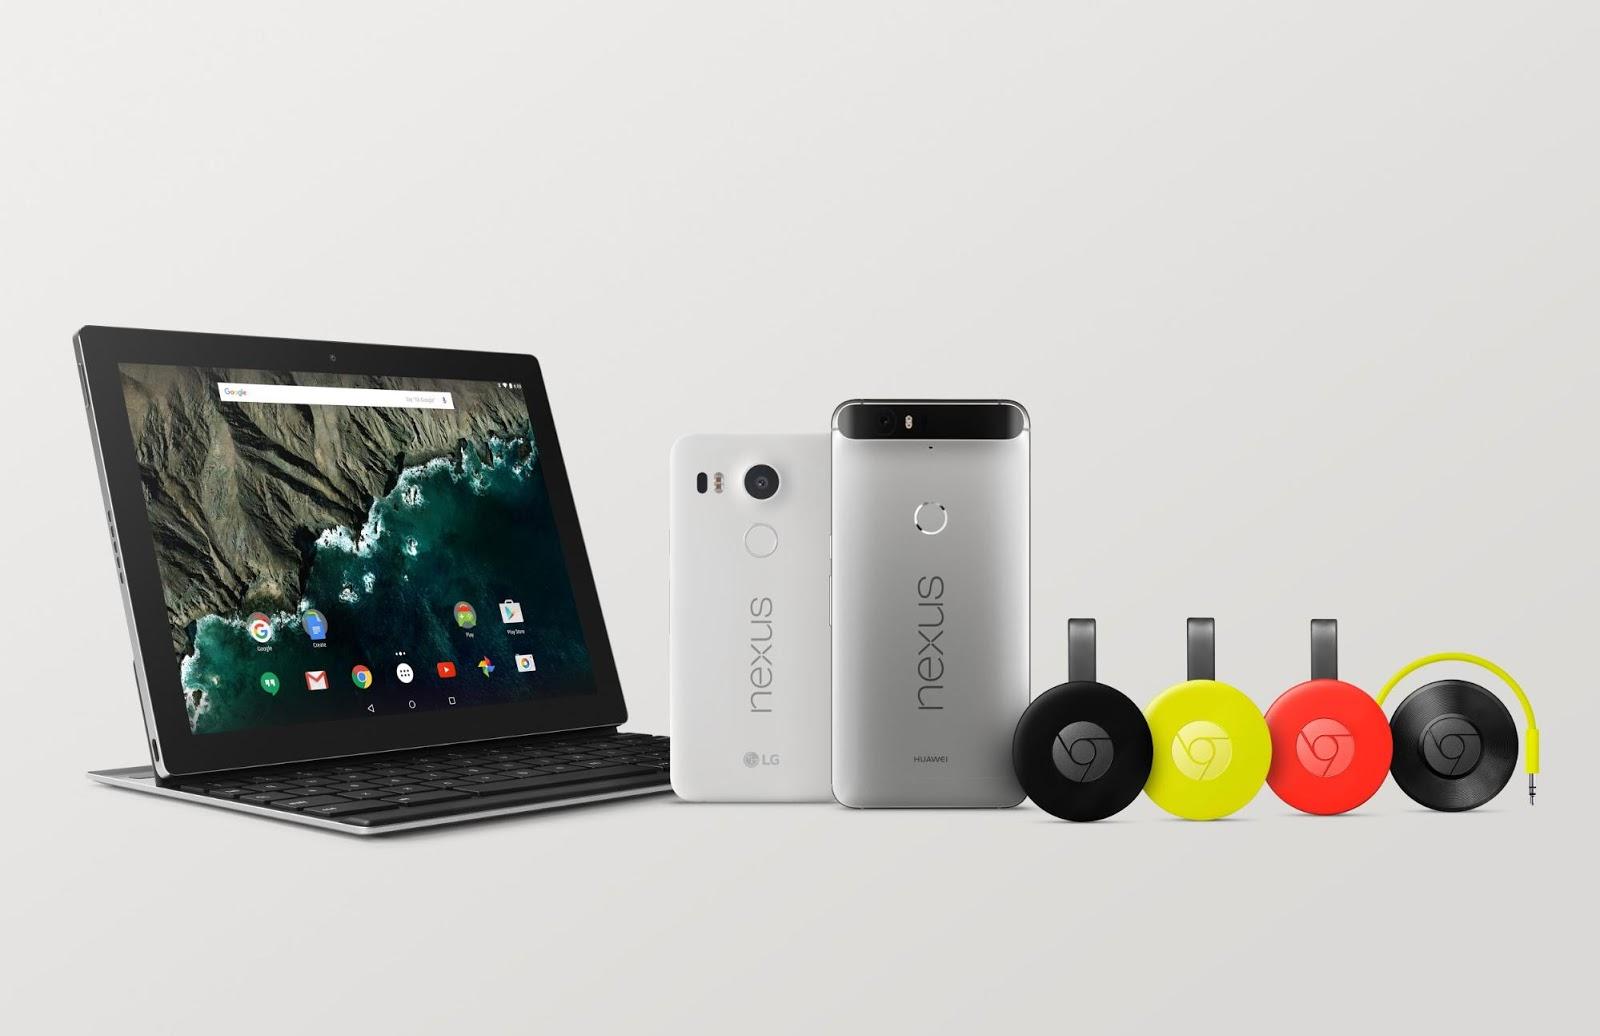 Новые Nexus, Chromecast и Android 6.0 Marshmallow: теперь официально - 11